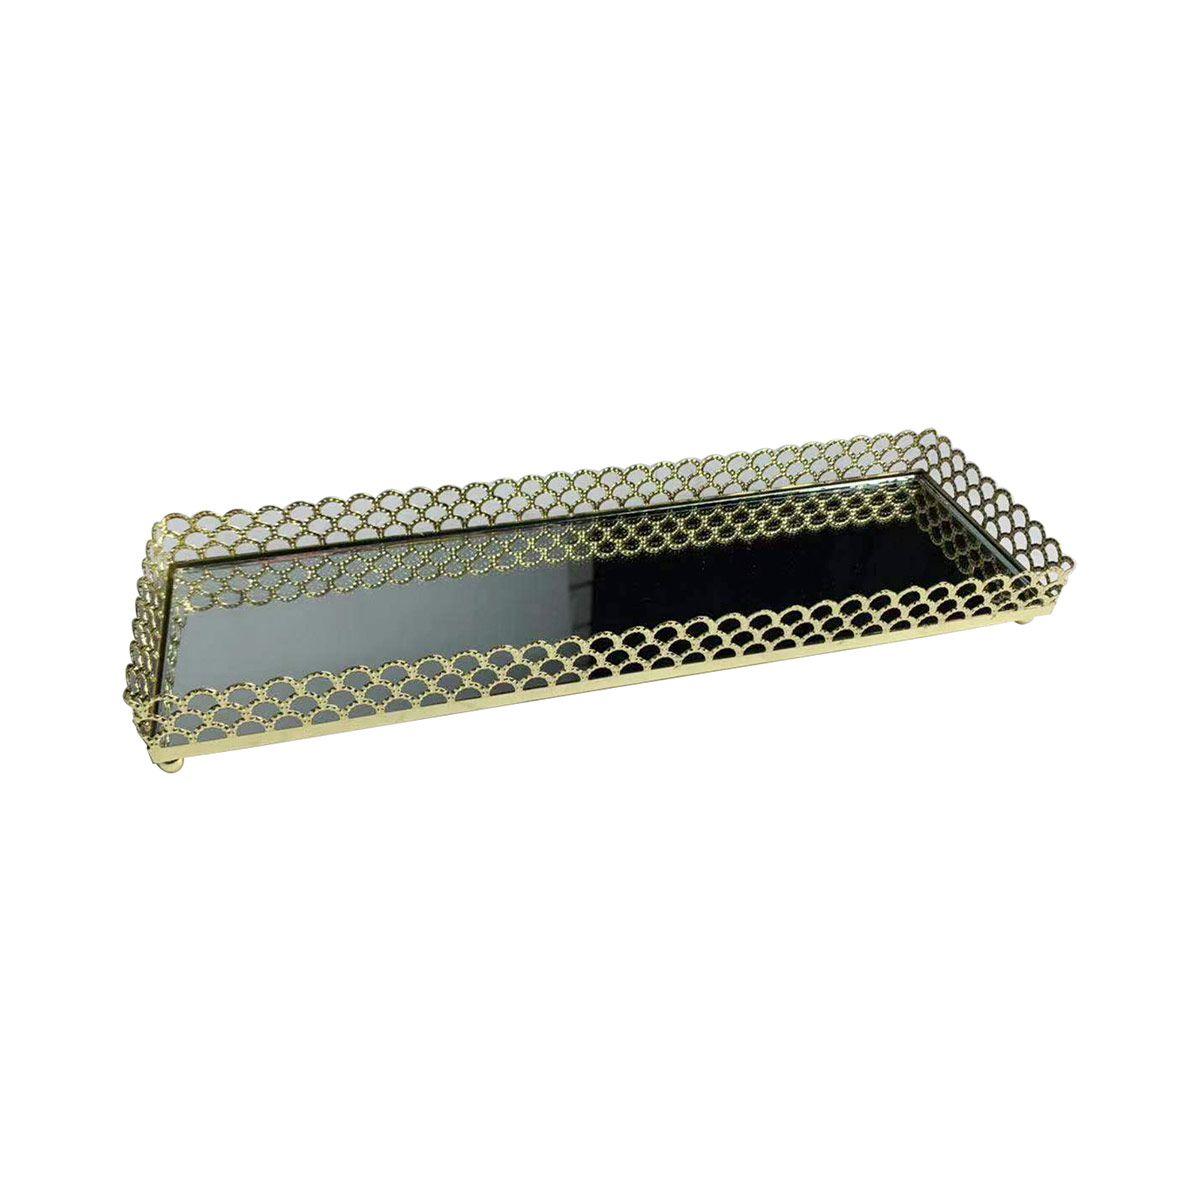 Bandeja Espelhada de Metal Retangular Dourada - Luxo para Lavabo / Bar / Sala  28 x 8,5 x 3 cm